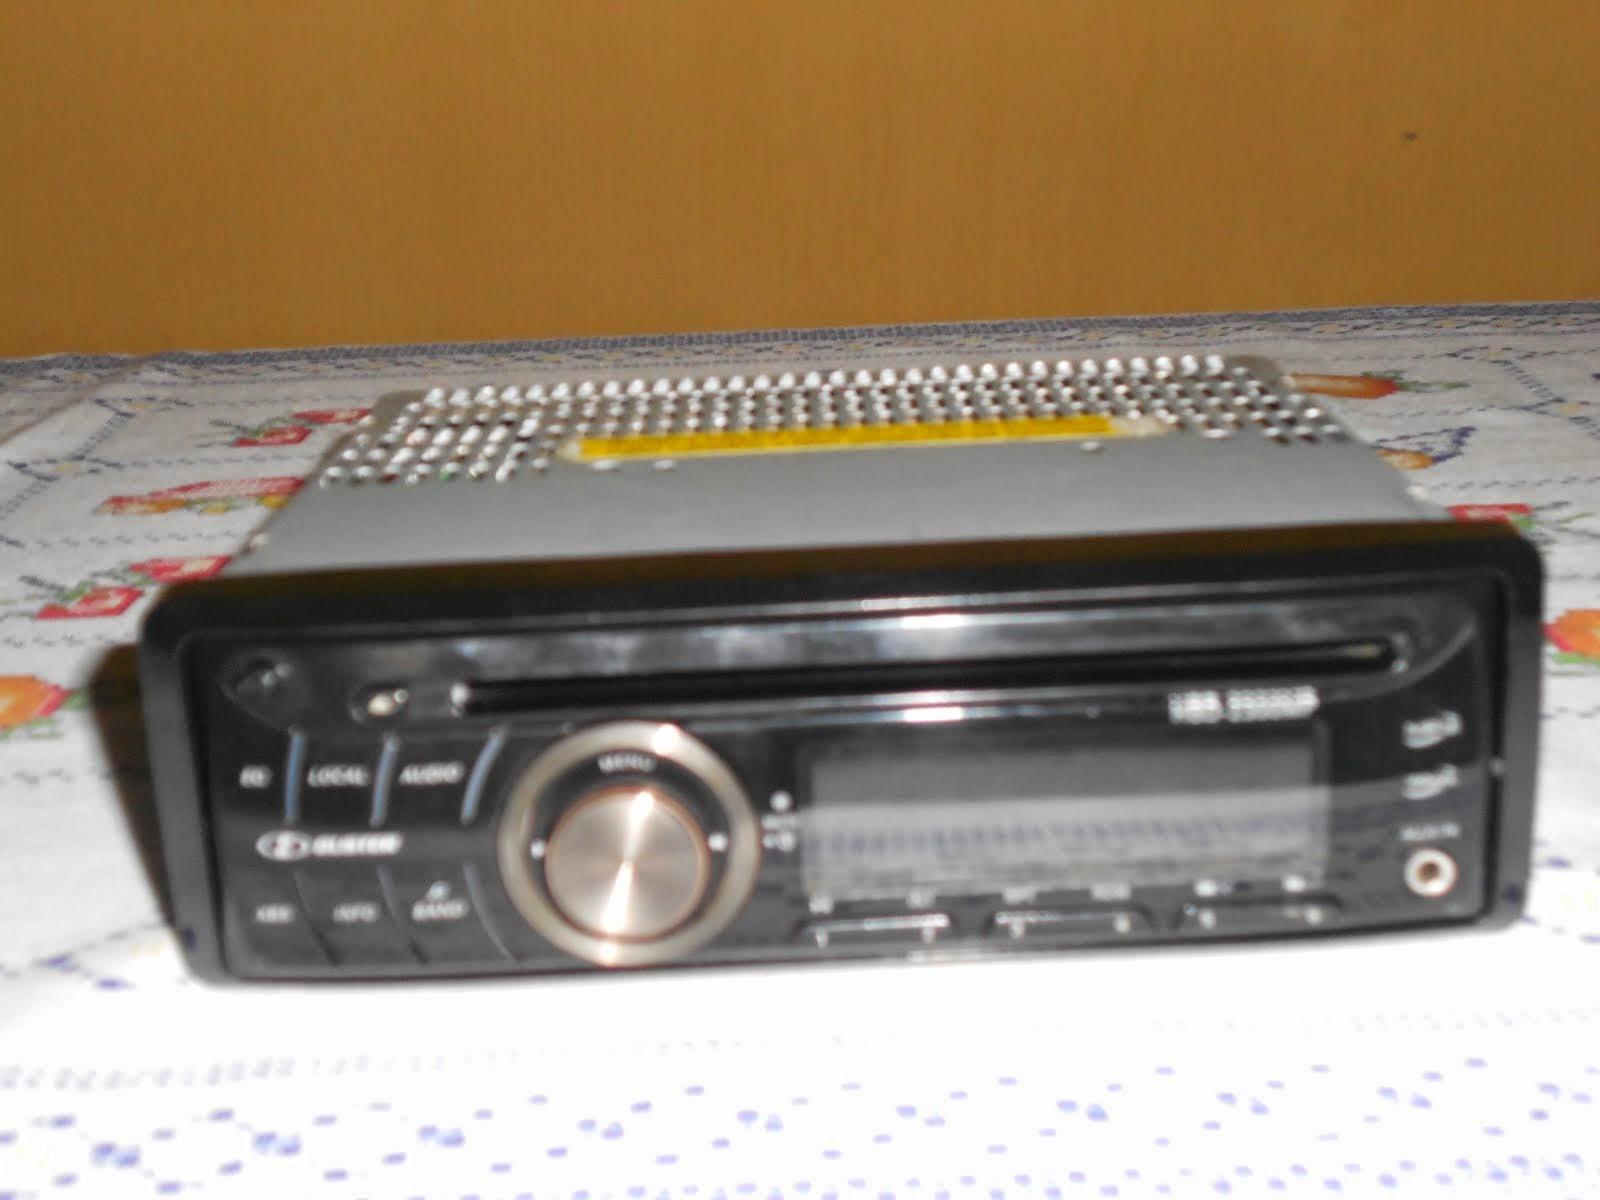 VENDE-SE! APARELHO DE CD PLAYER AUTOMOTIVO SEMI-NOVO - MP3 - WMA - H-BUSTER.